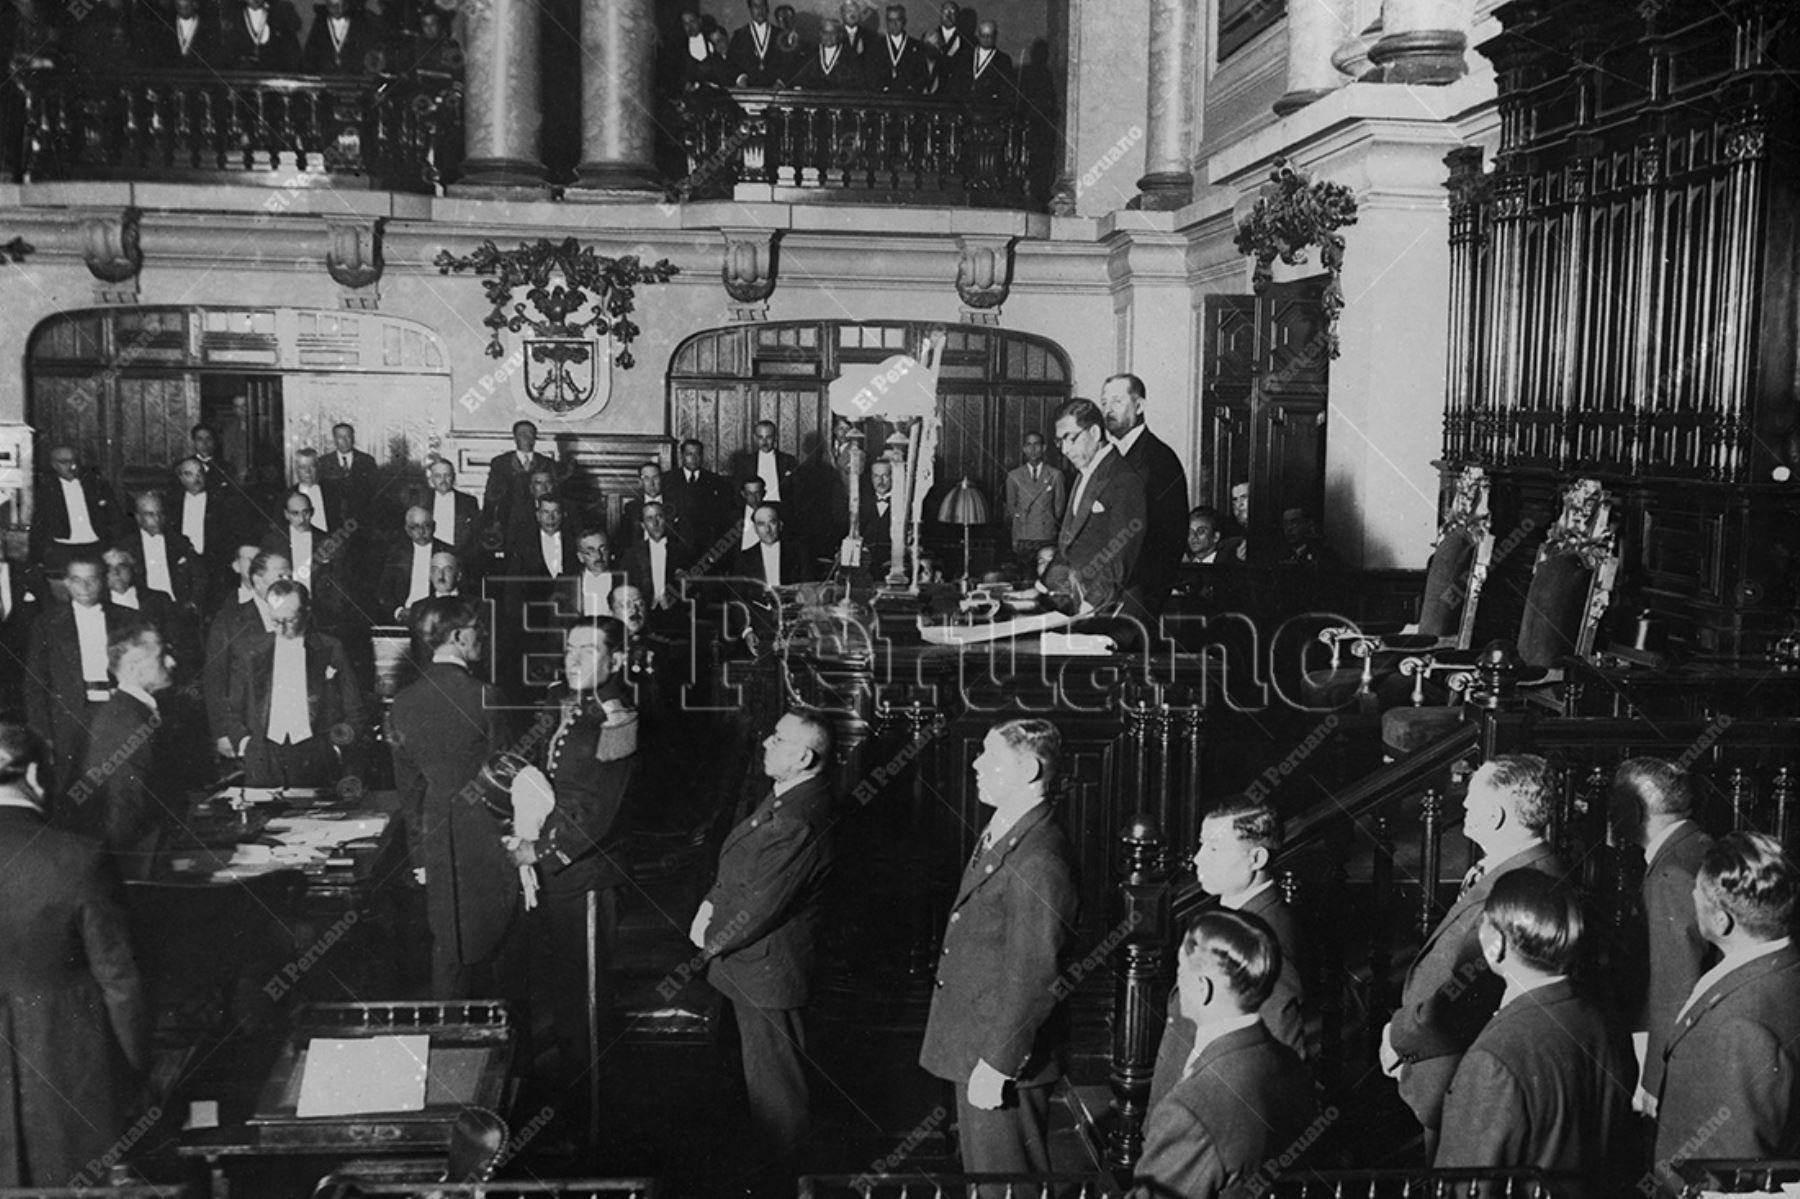 Lima - 1933 / El Presidente Luis M. Sánchez Cerro promulga la Constitución Política del Perú de 1933 en el Congreso de la República.  Foto: Archivo Histórico de El Peruano